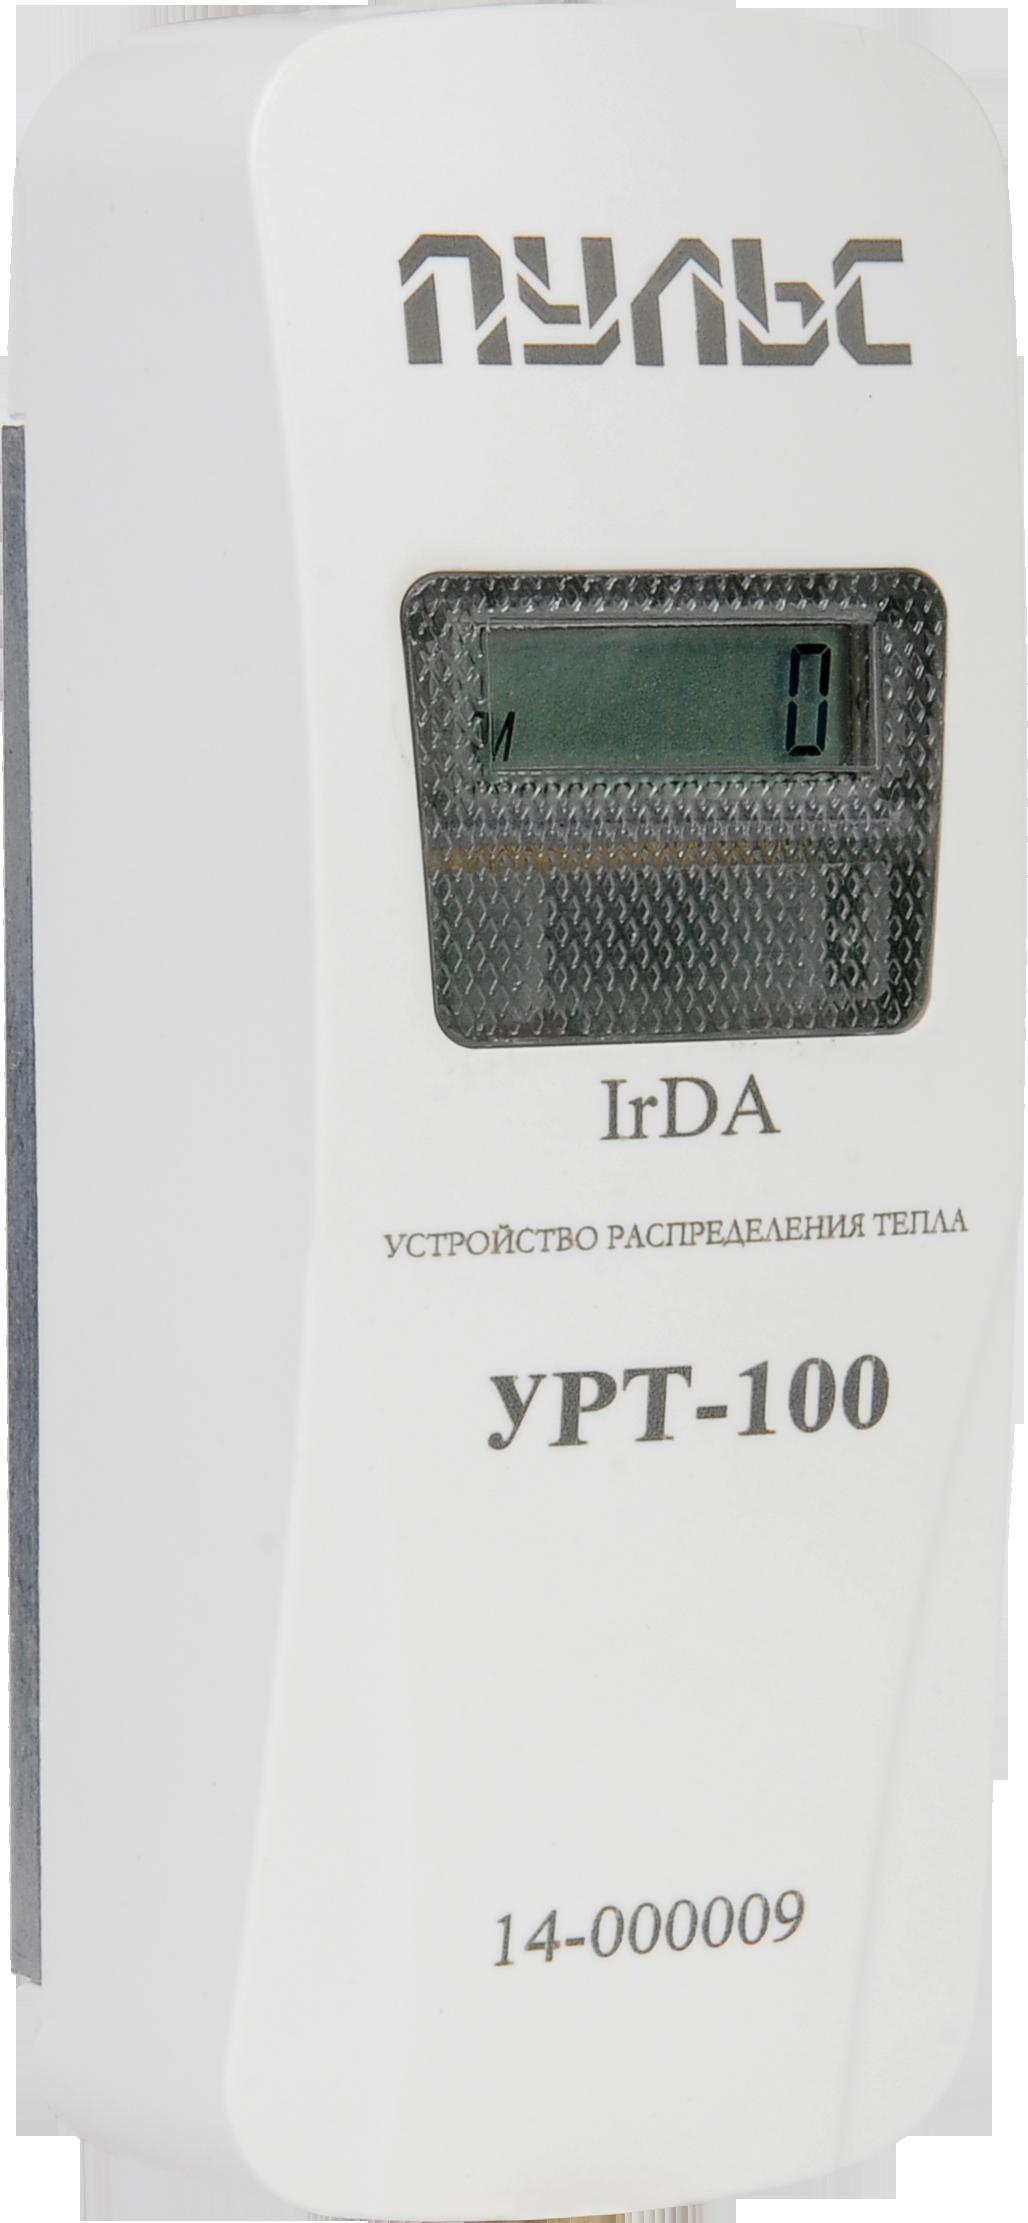 Устройство распределения тепла УРТ-100